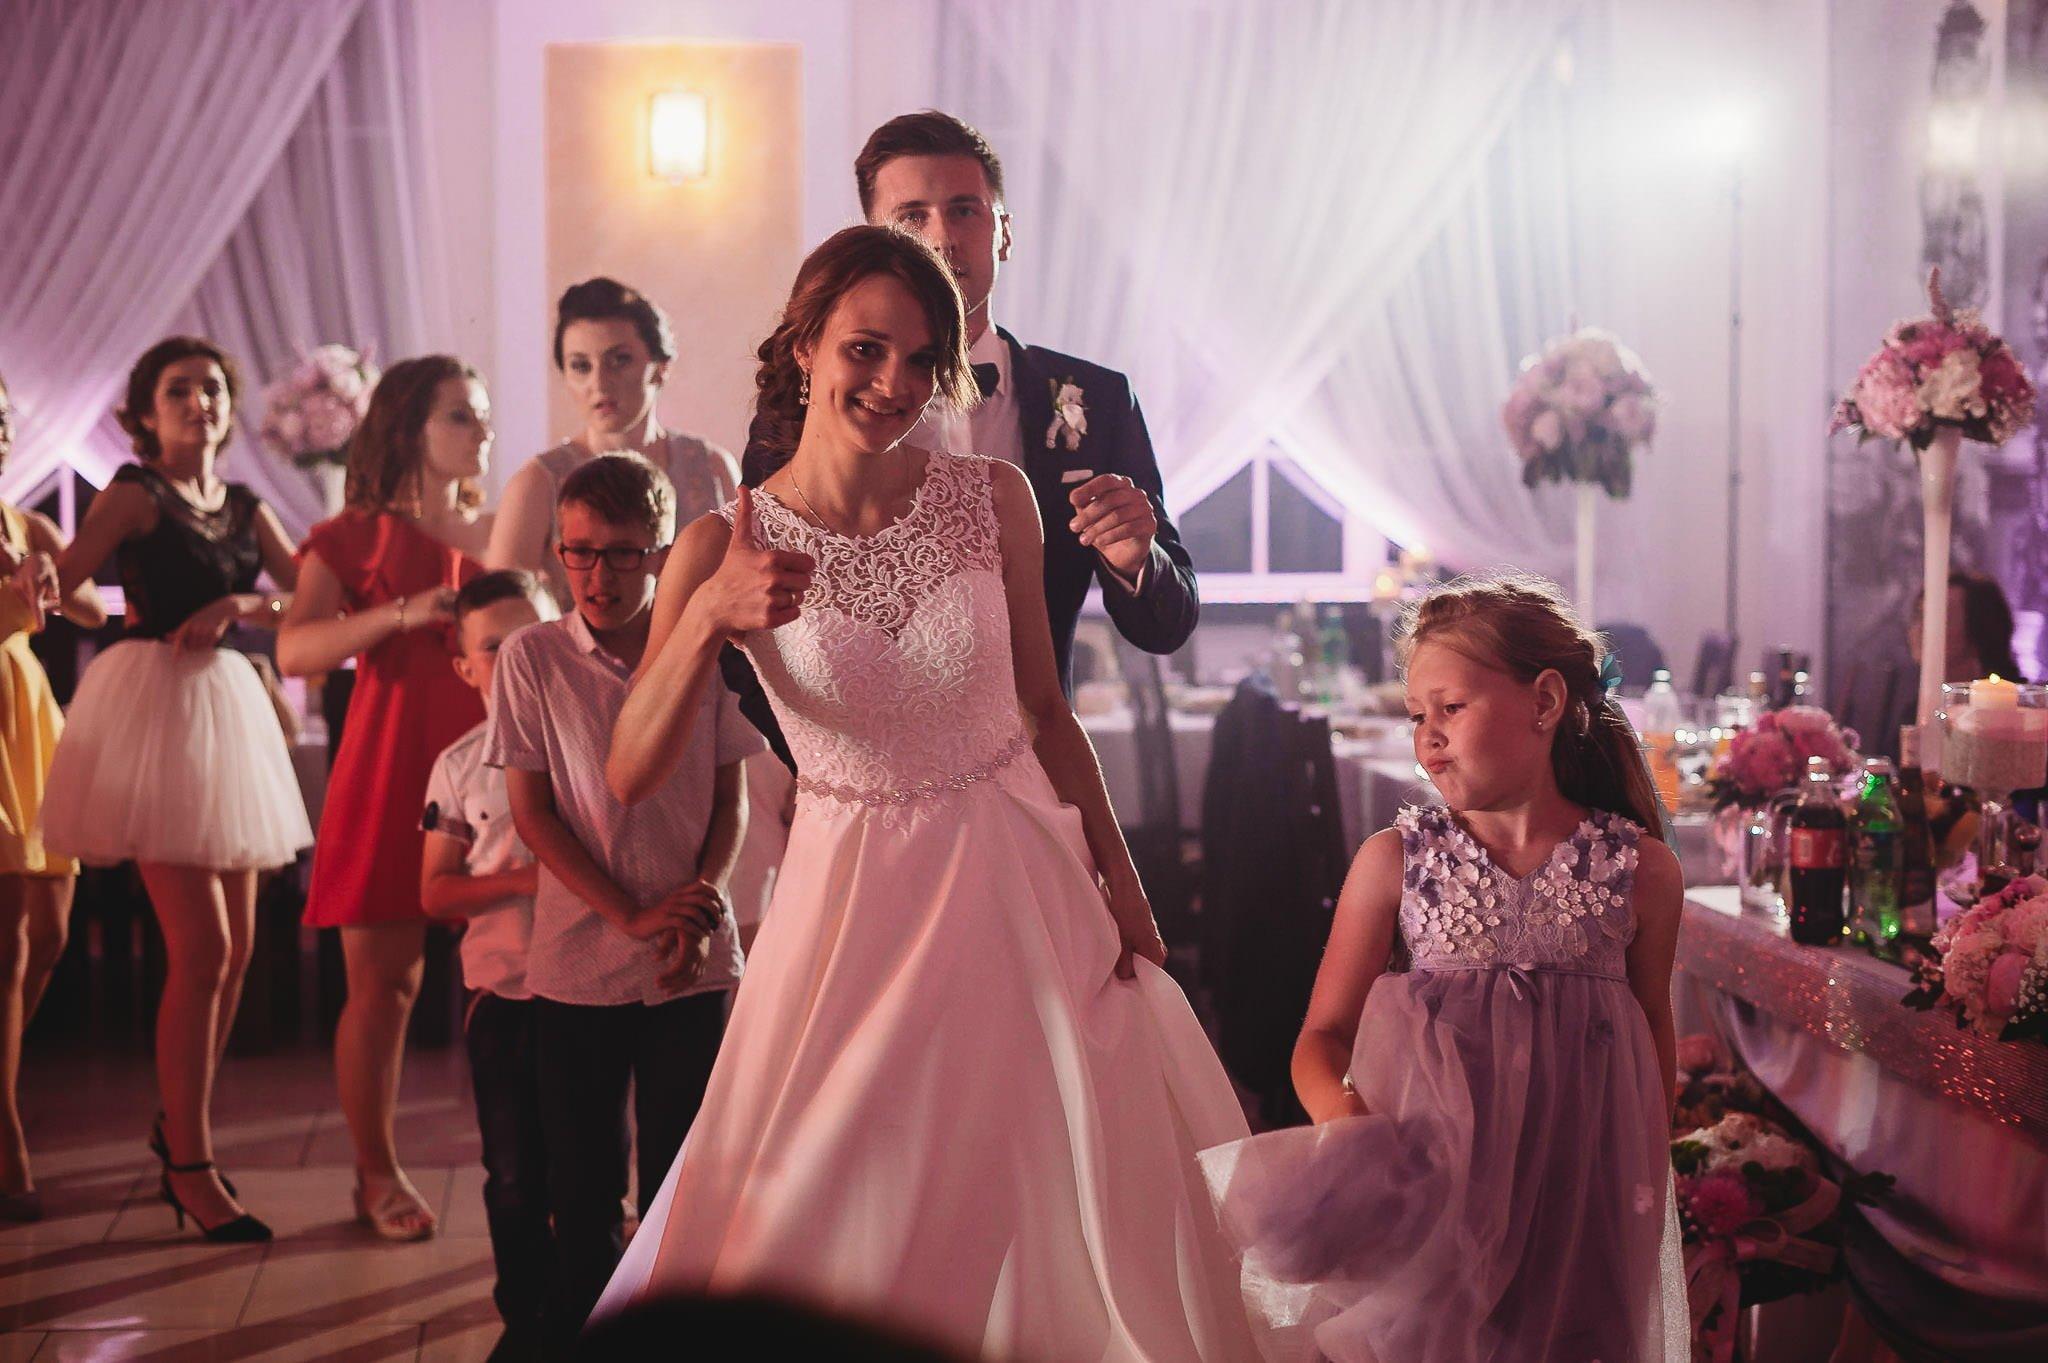 Monika i Michał, wesele w Paryżu i sesja plenerowa w stadninie koni w Czołowie 246